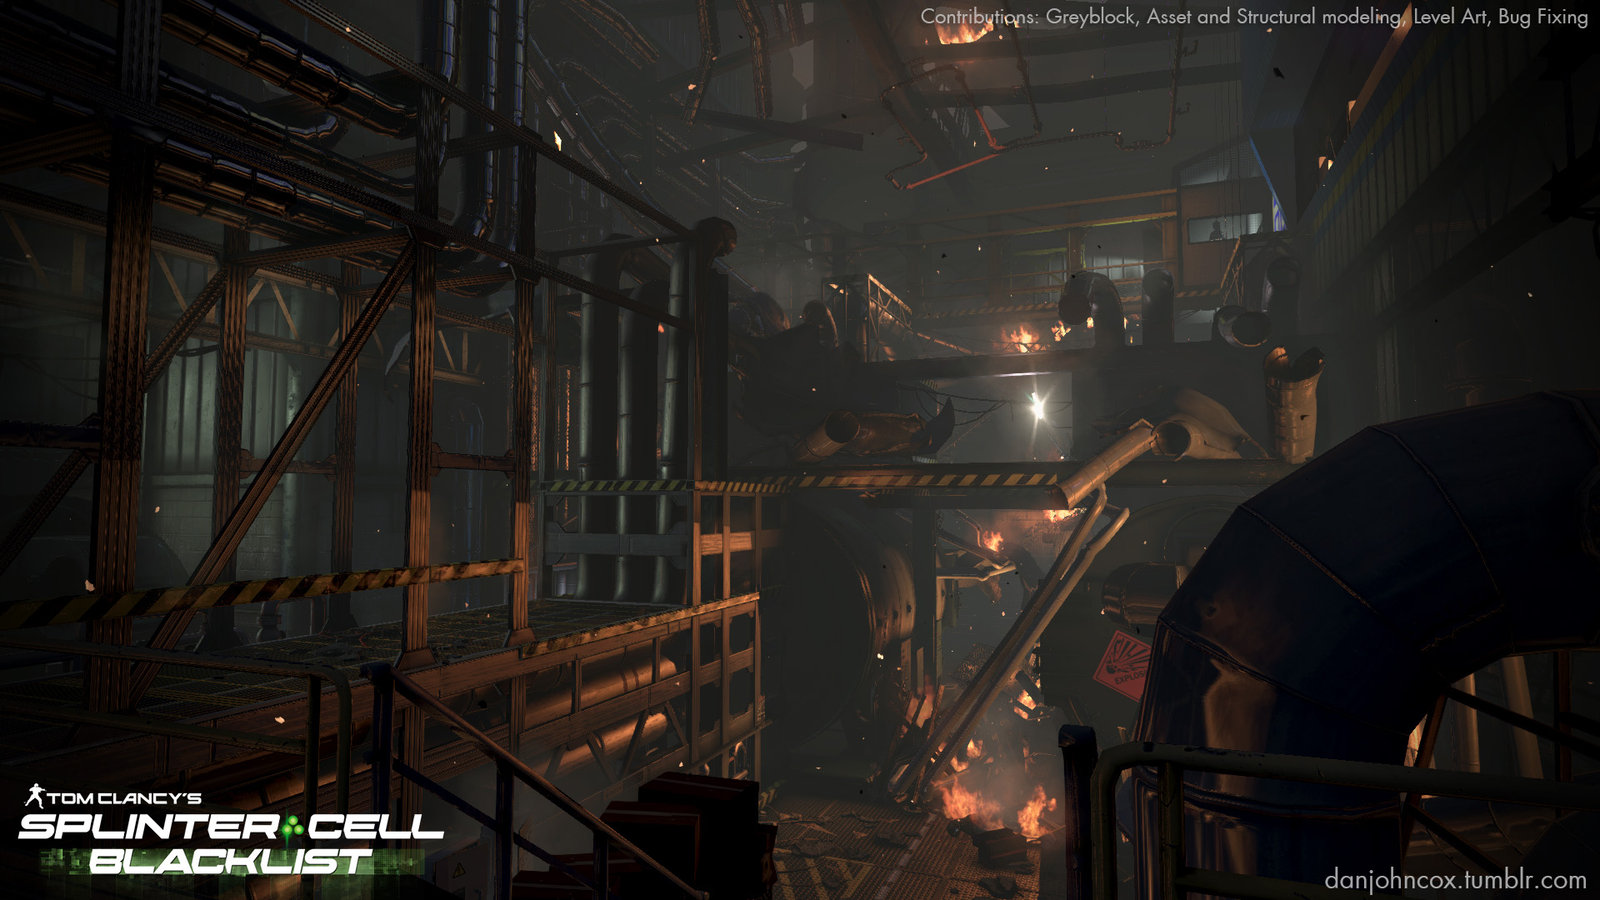 Environment Art for Splinter Cell Blacklist